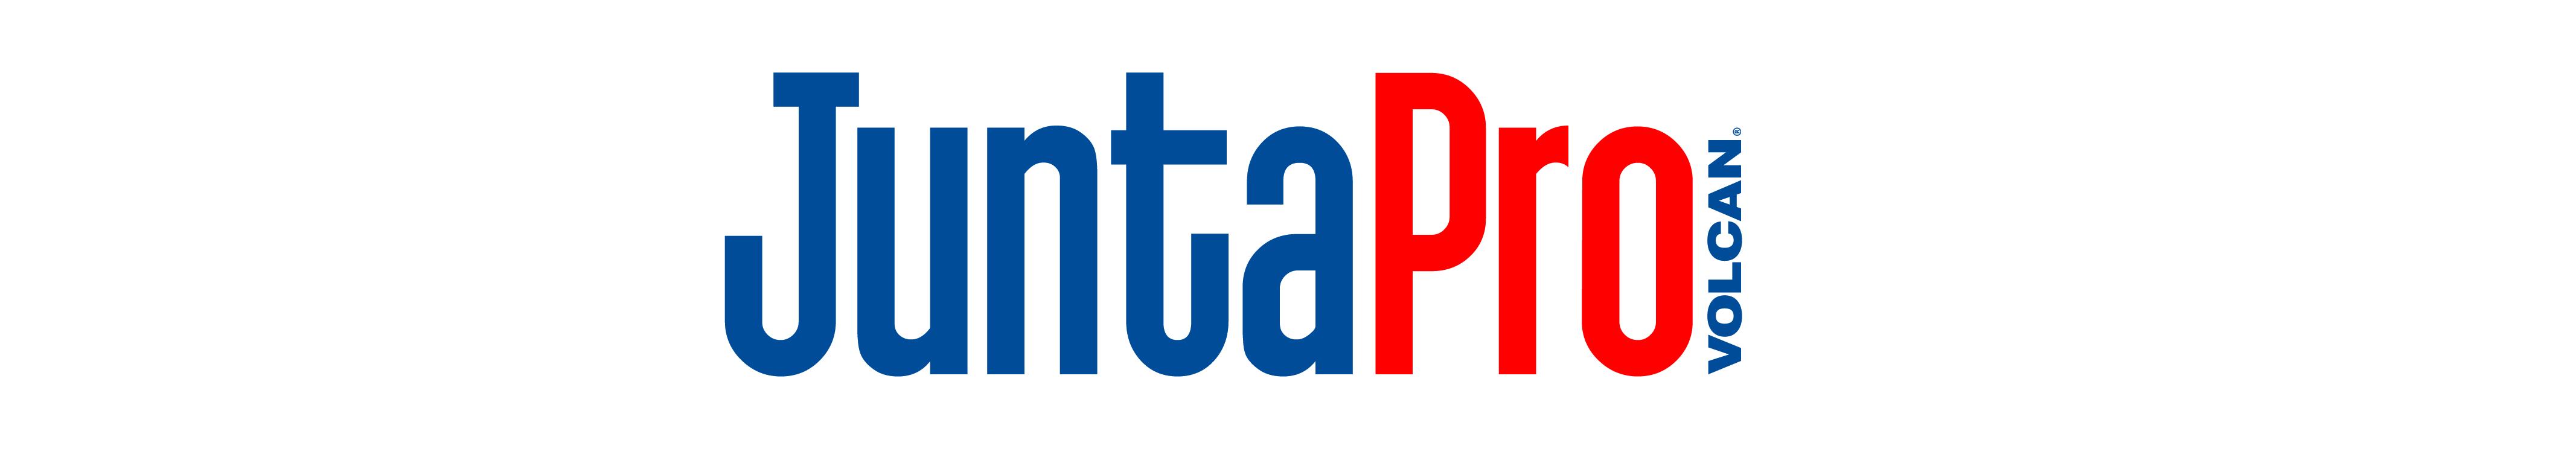 logotipo juntapro